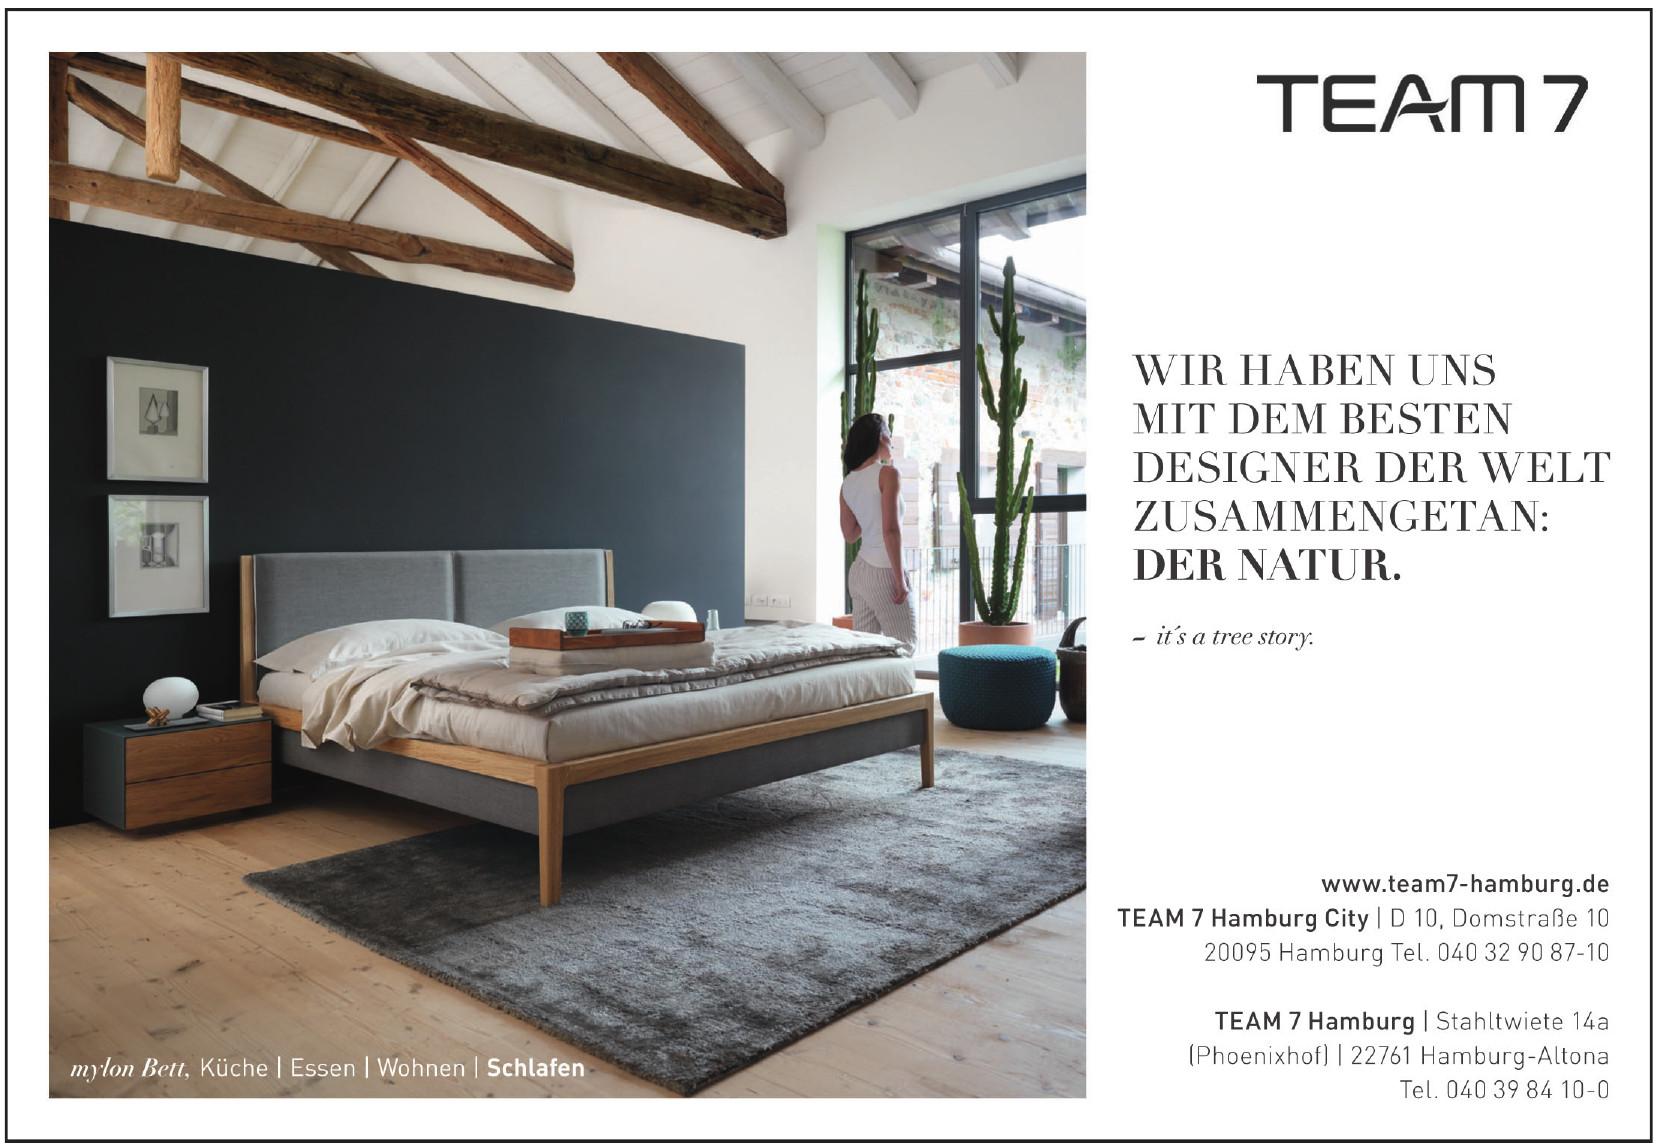 Team 7 Deutschland GmbH